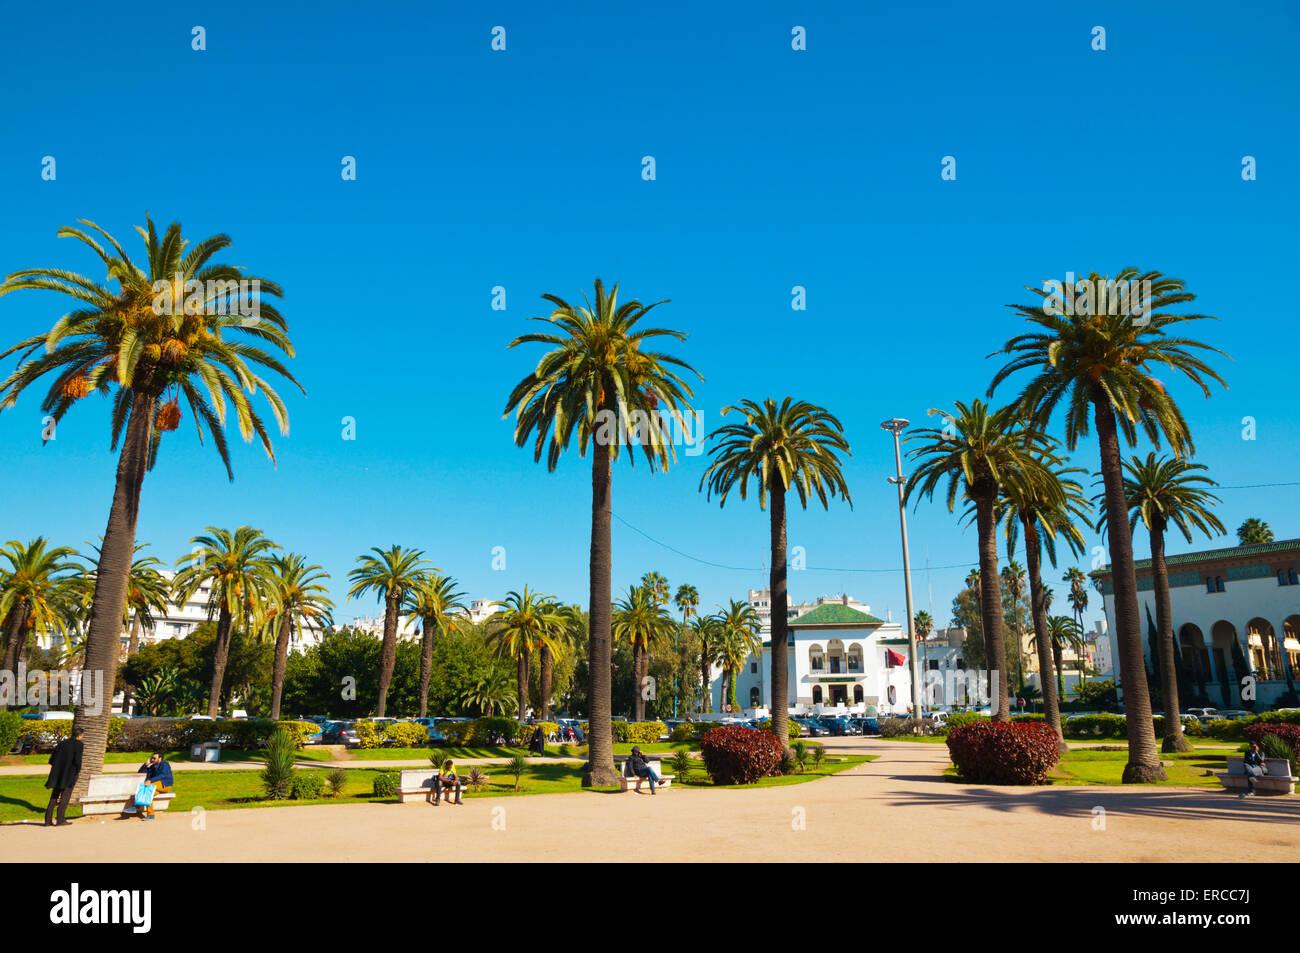 Luogo di Mohammed V, Ville Nouvelle, Casablanca, costa atlantica, Marocco, Africa settentrionale Immagini Stock